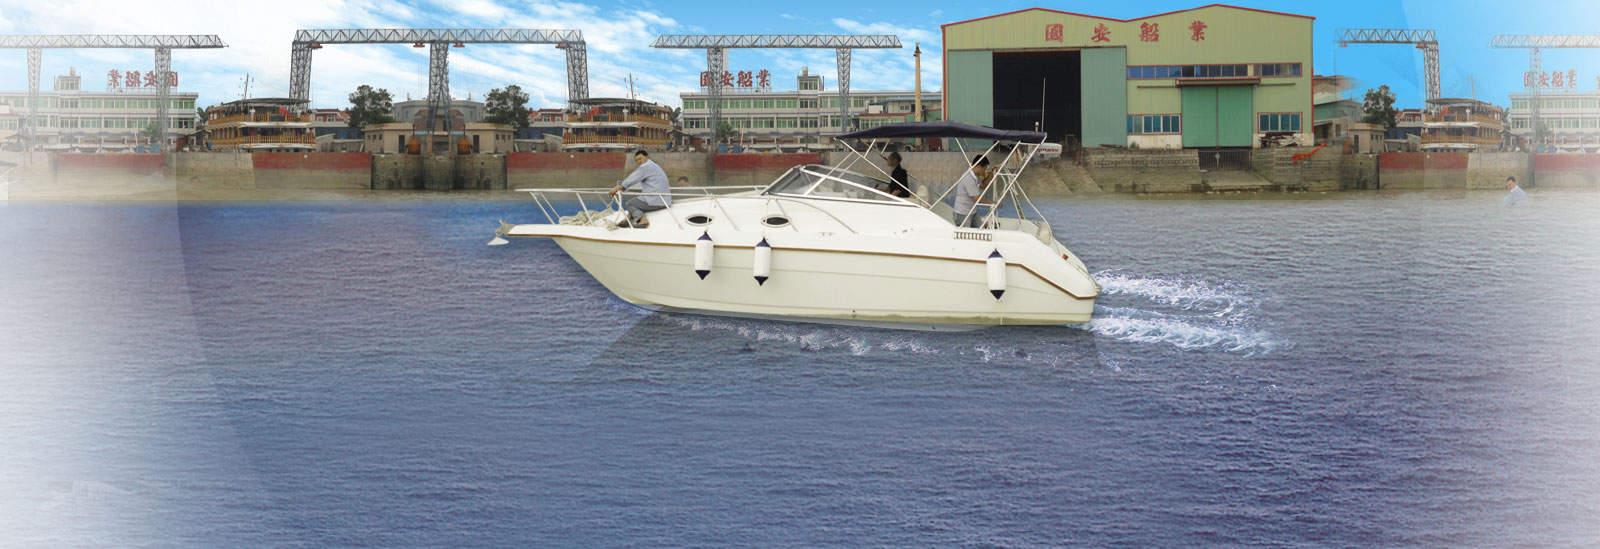 29英尺游艇